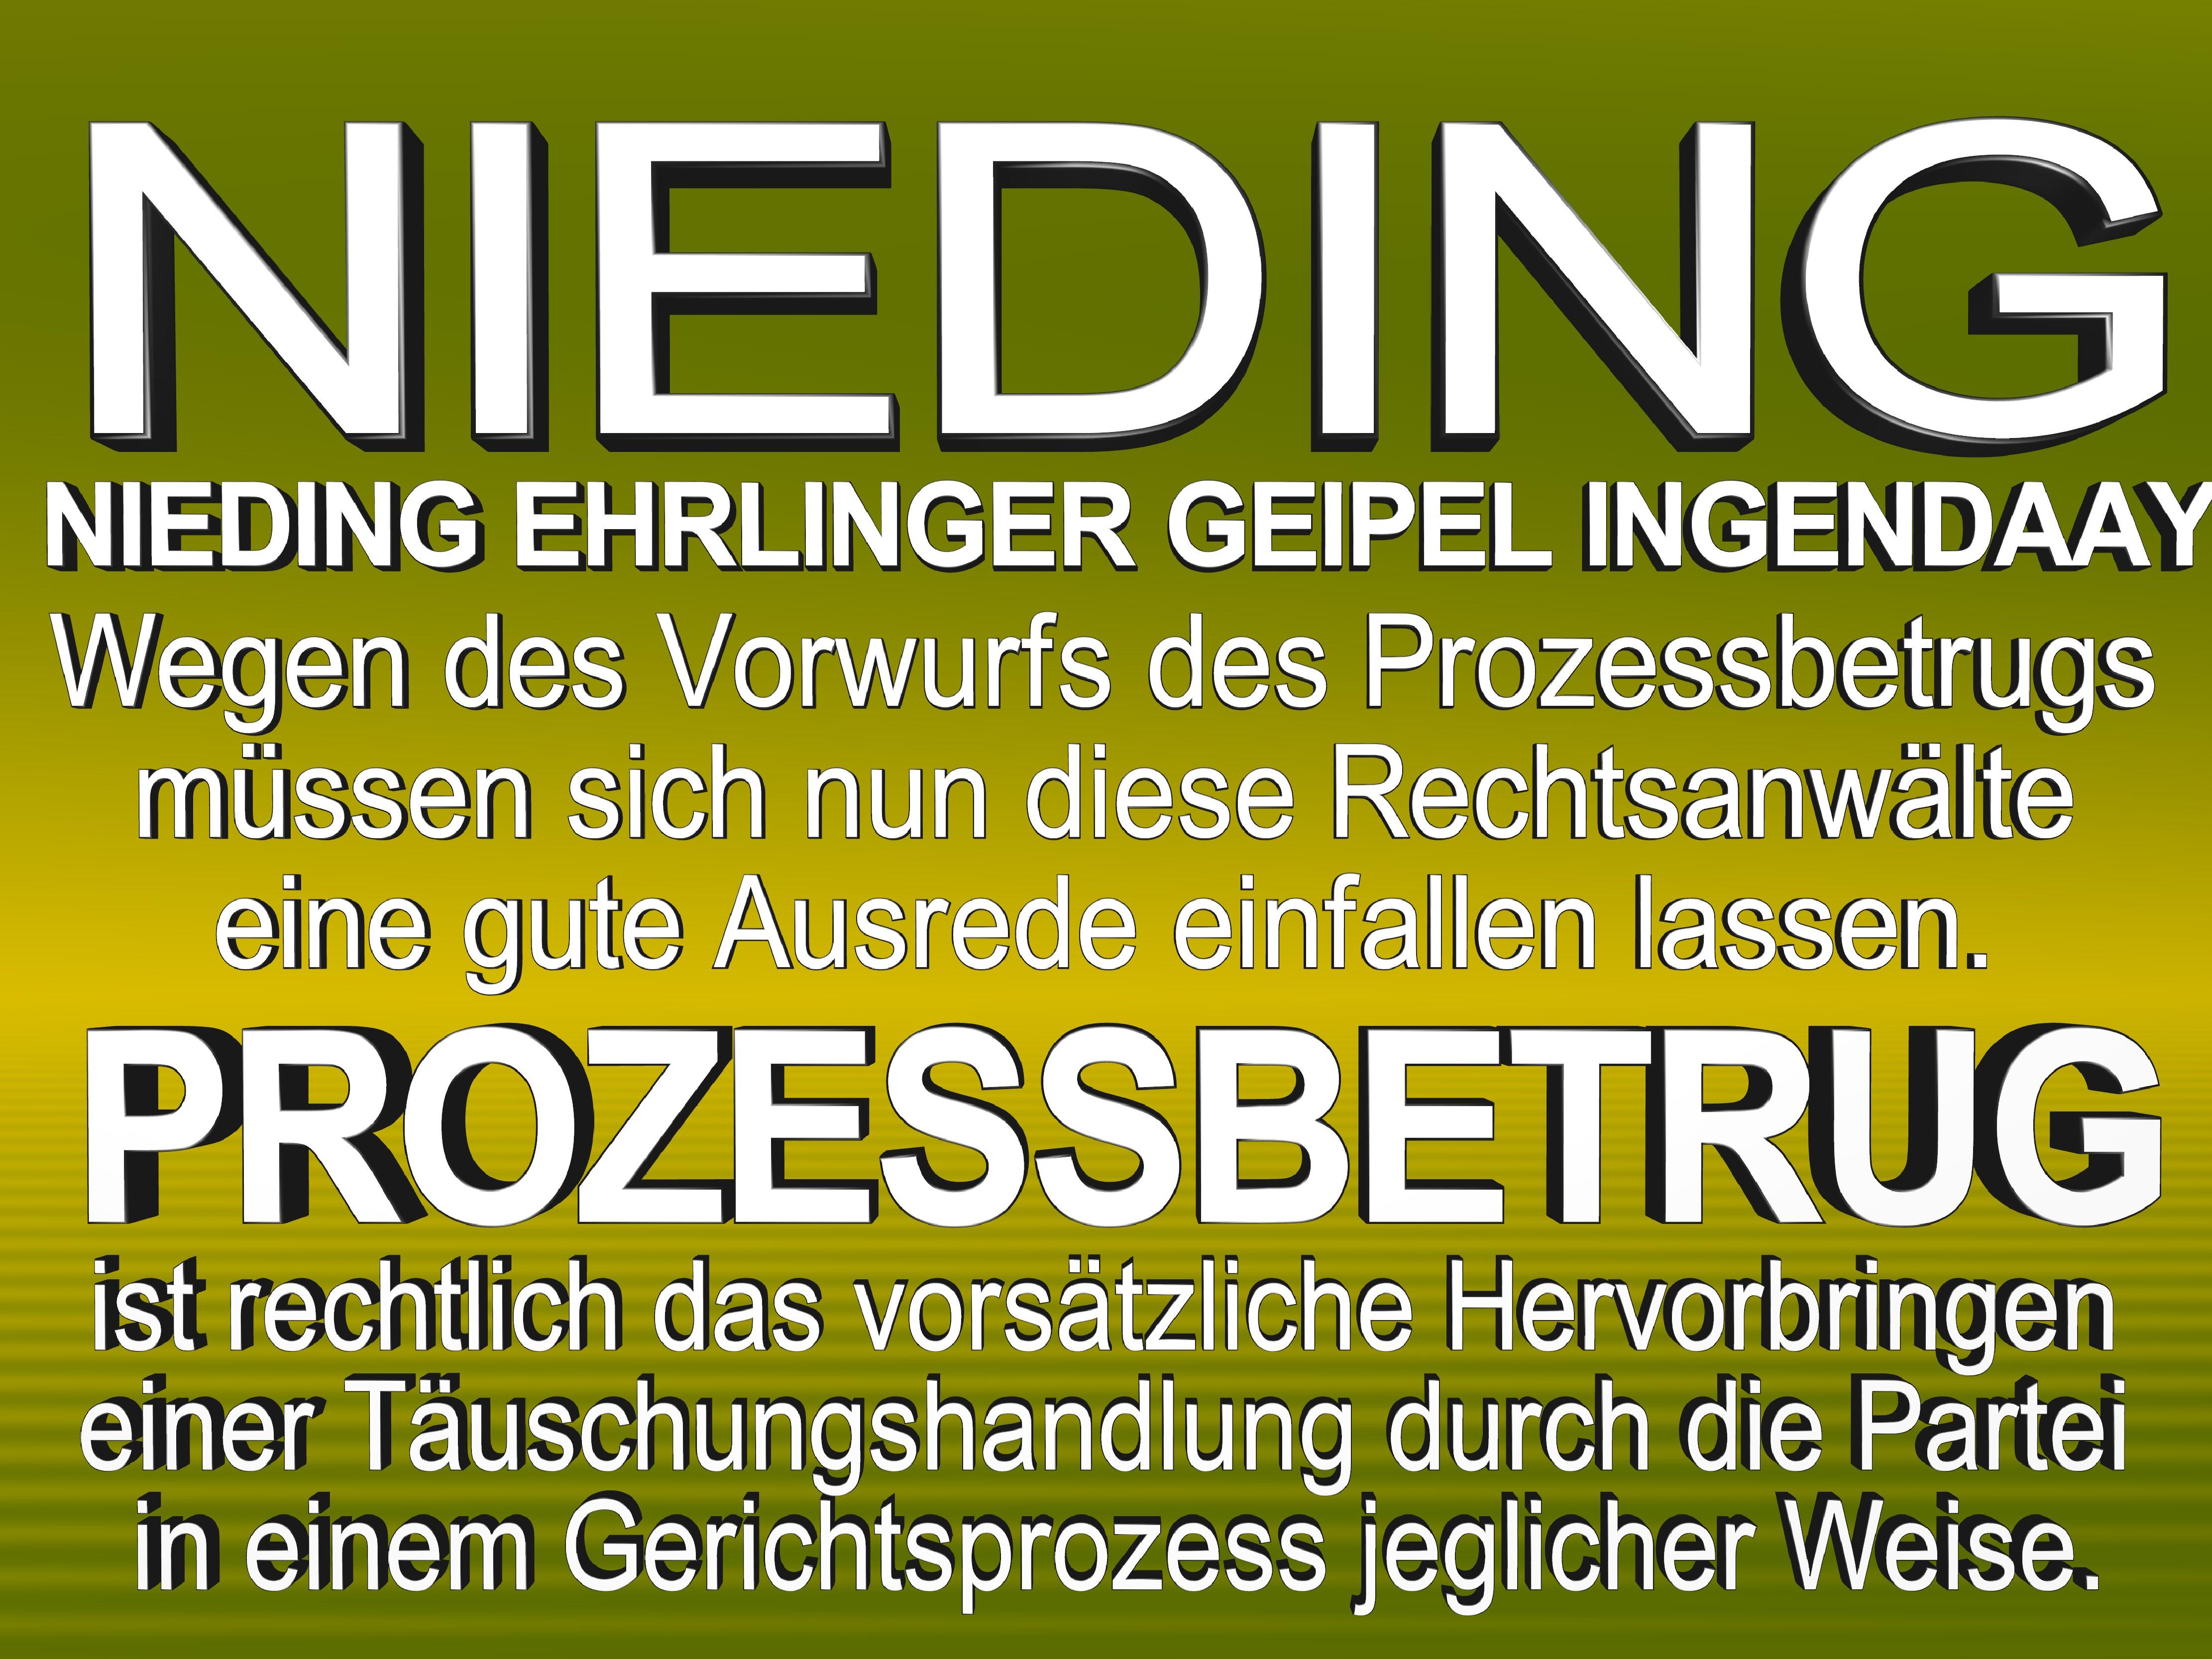 NIEDING EHRLINGER GEIPEL INGENDAAY LELKE Kurfürstendamm 66 Berlin (91)